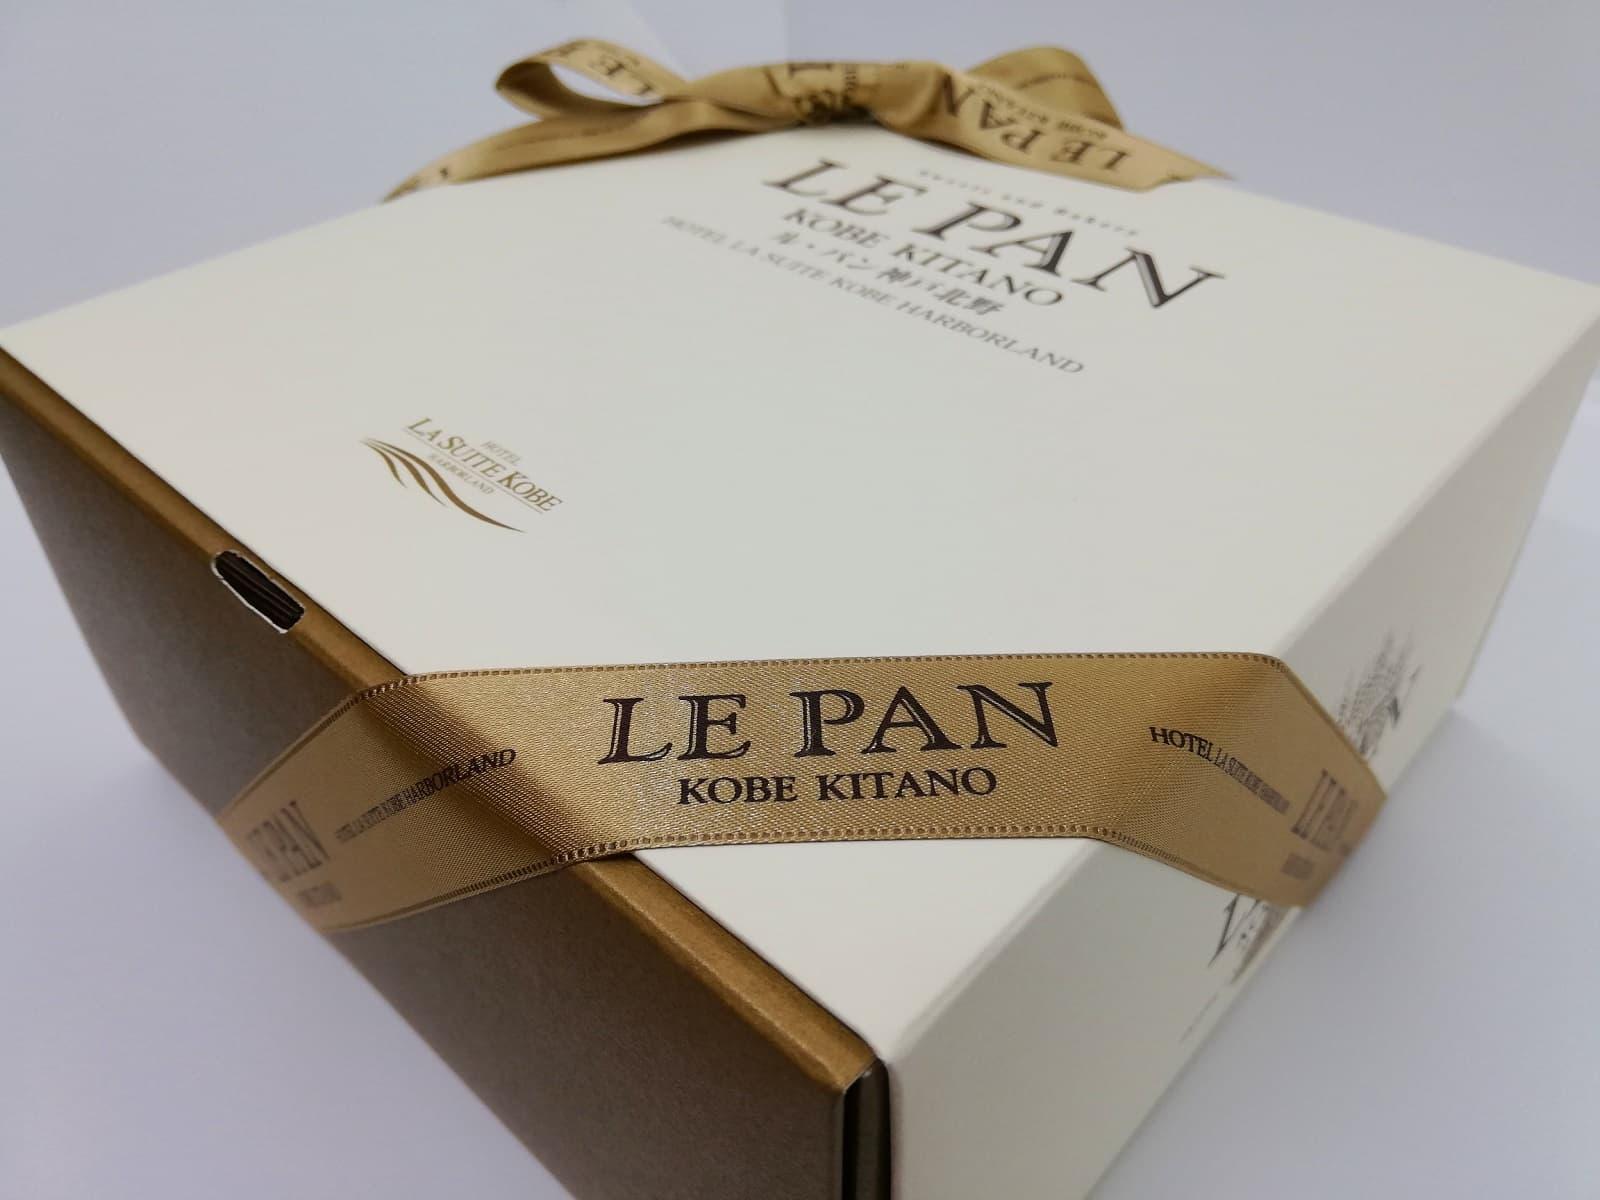 お取り寄せしたル・パン神戸北野のアップルパイが入っている箱